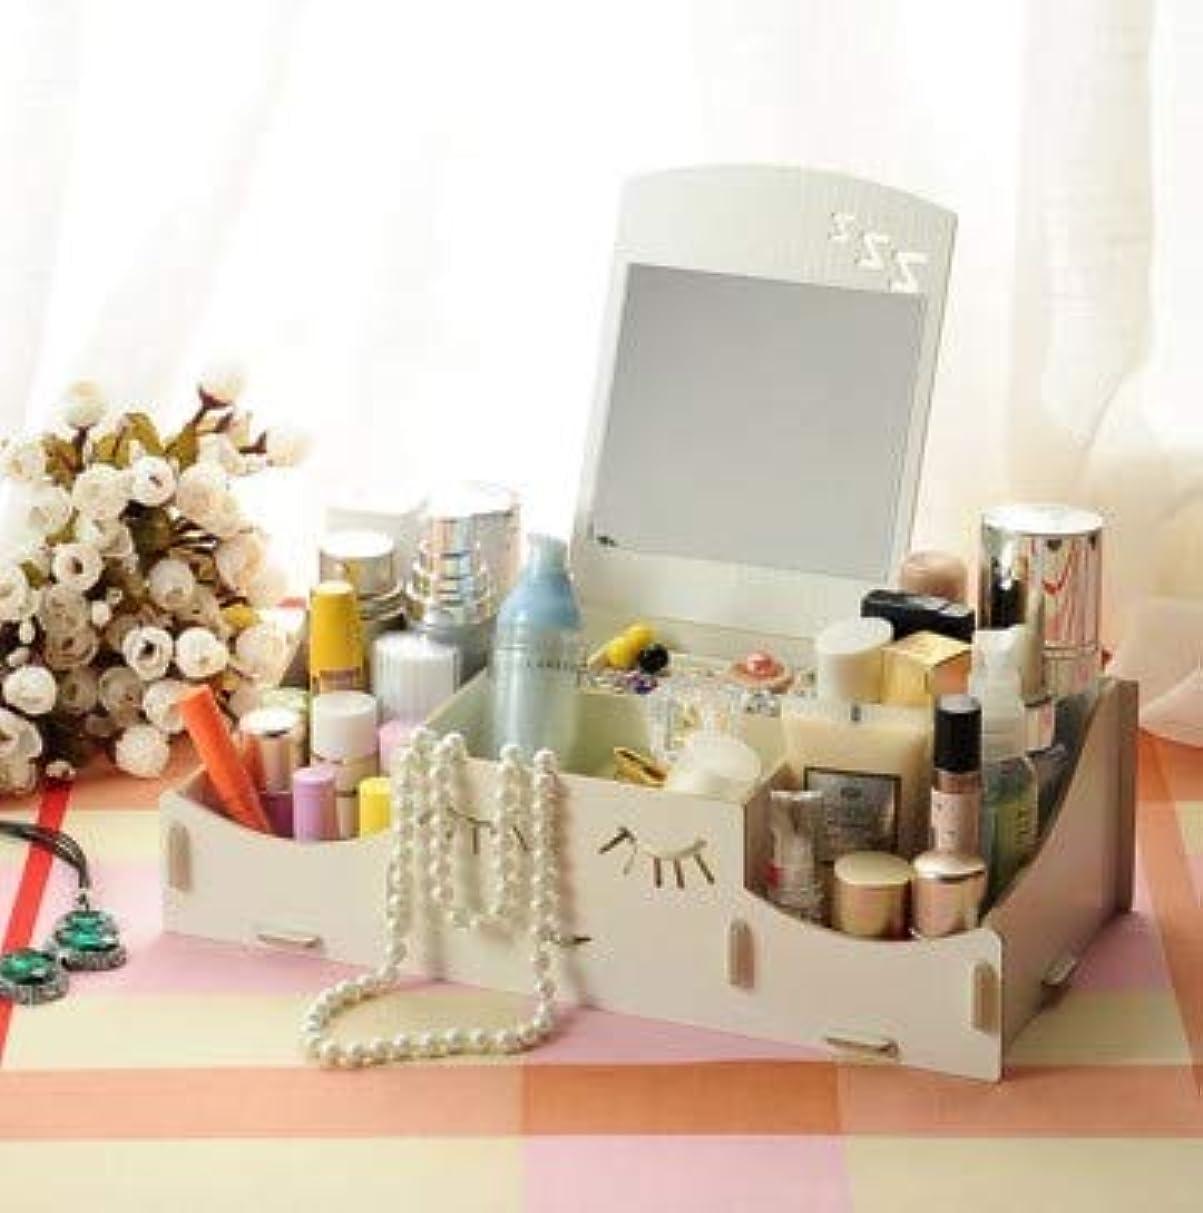 第四舗装アレンジスマイリー木製クリエイティブ収納ボックス手作りデスクトップミラー化粧品収納ボックス化粧品収納ボックス (Color : ホワイト)